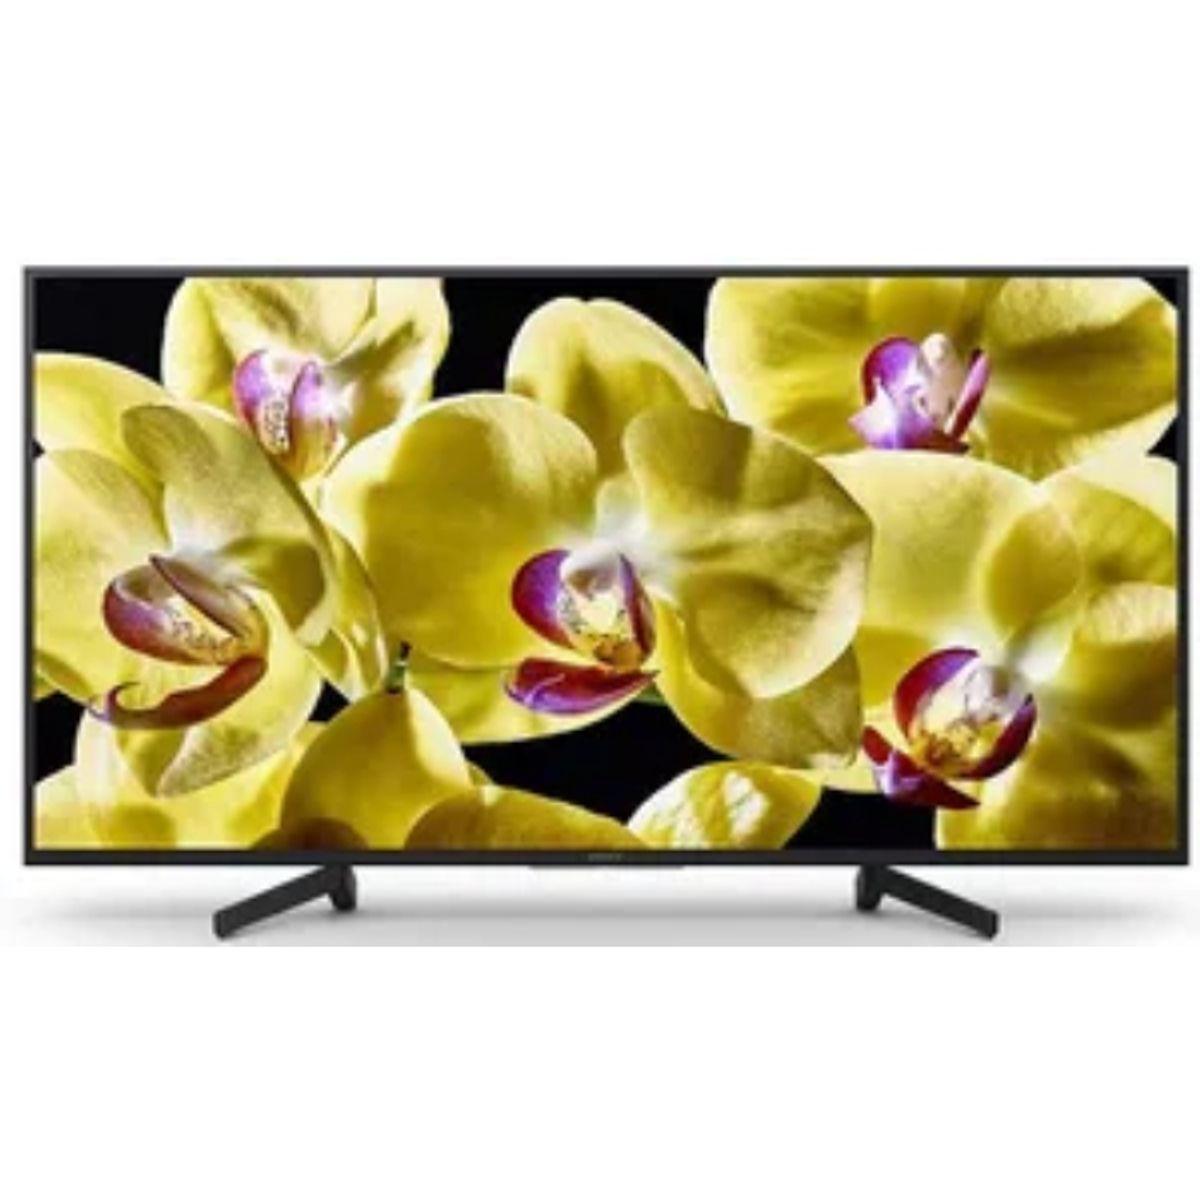 ಸೋನ 65 ಇಂಚು LED 4K Ultra HD Smart TV (KD-65X8000G)